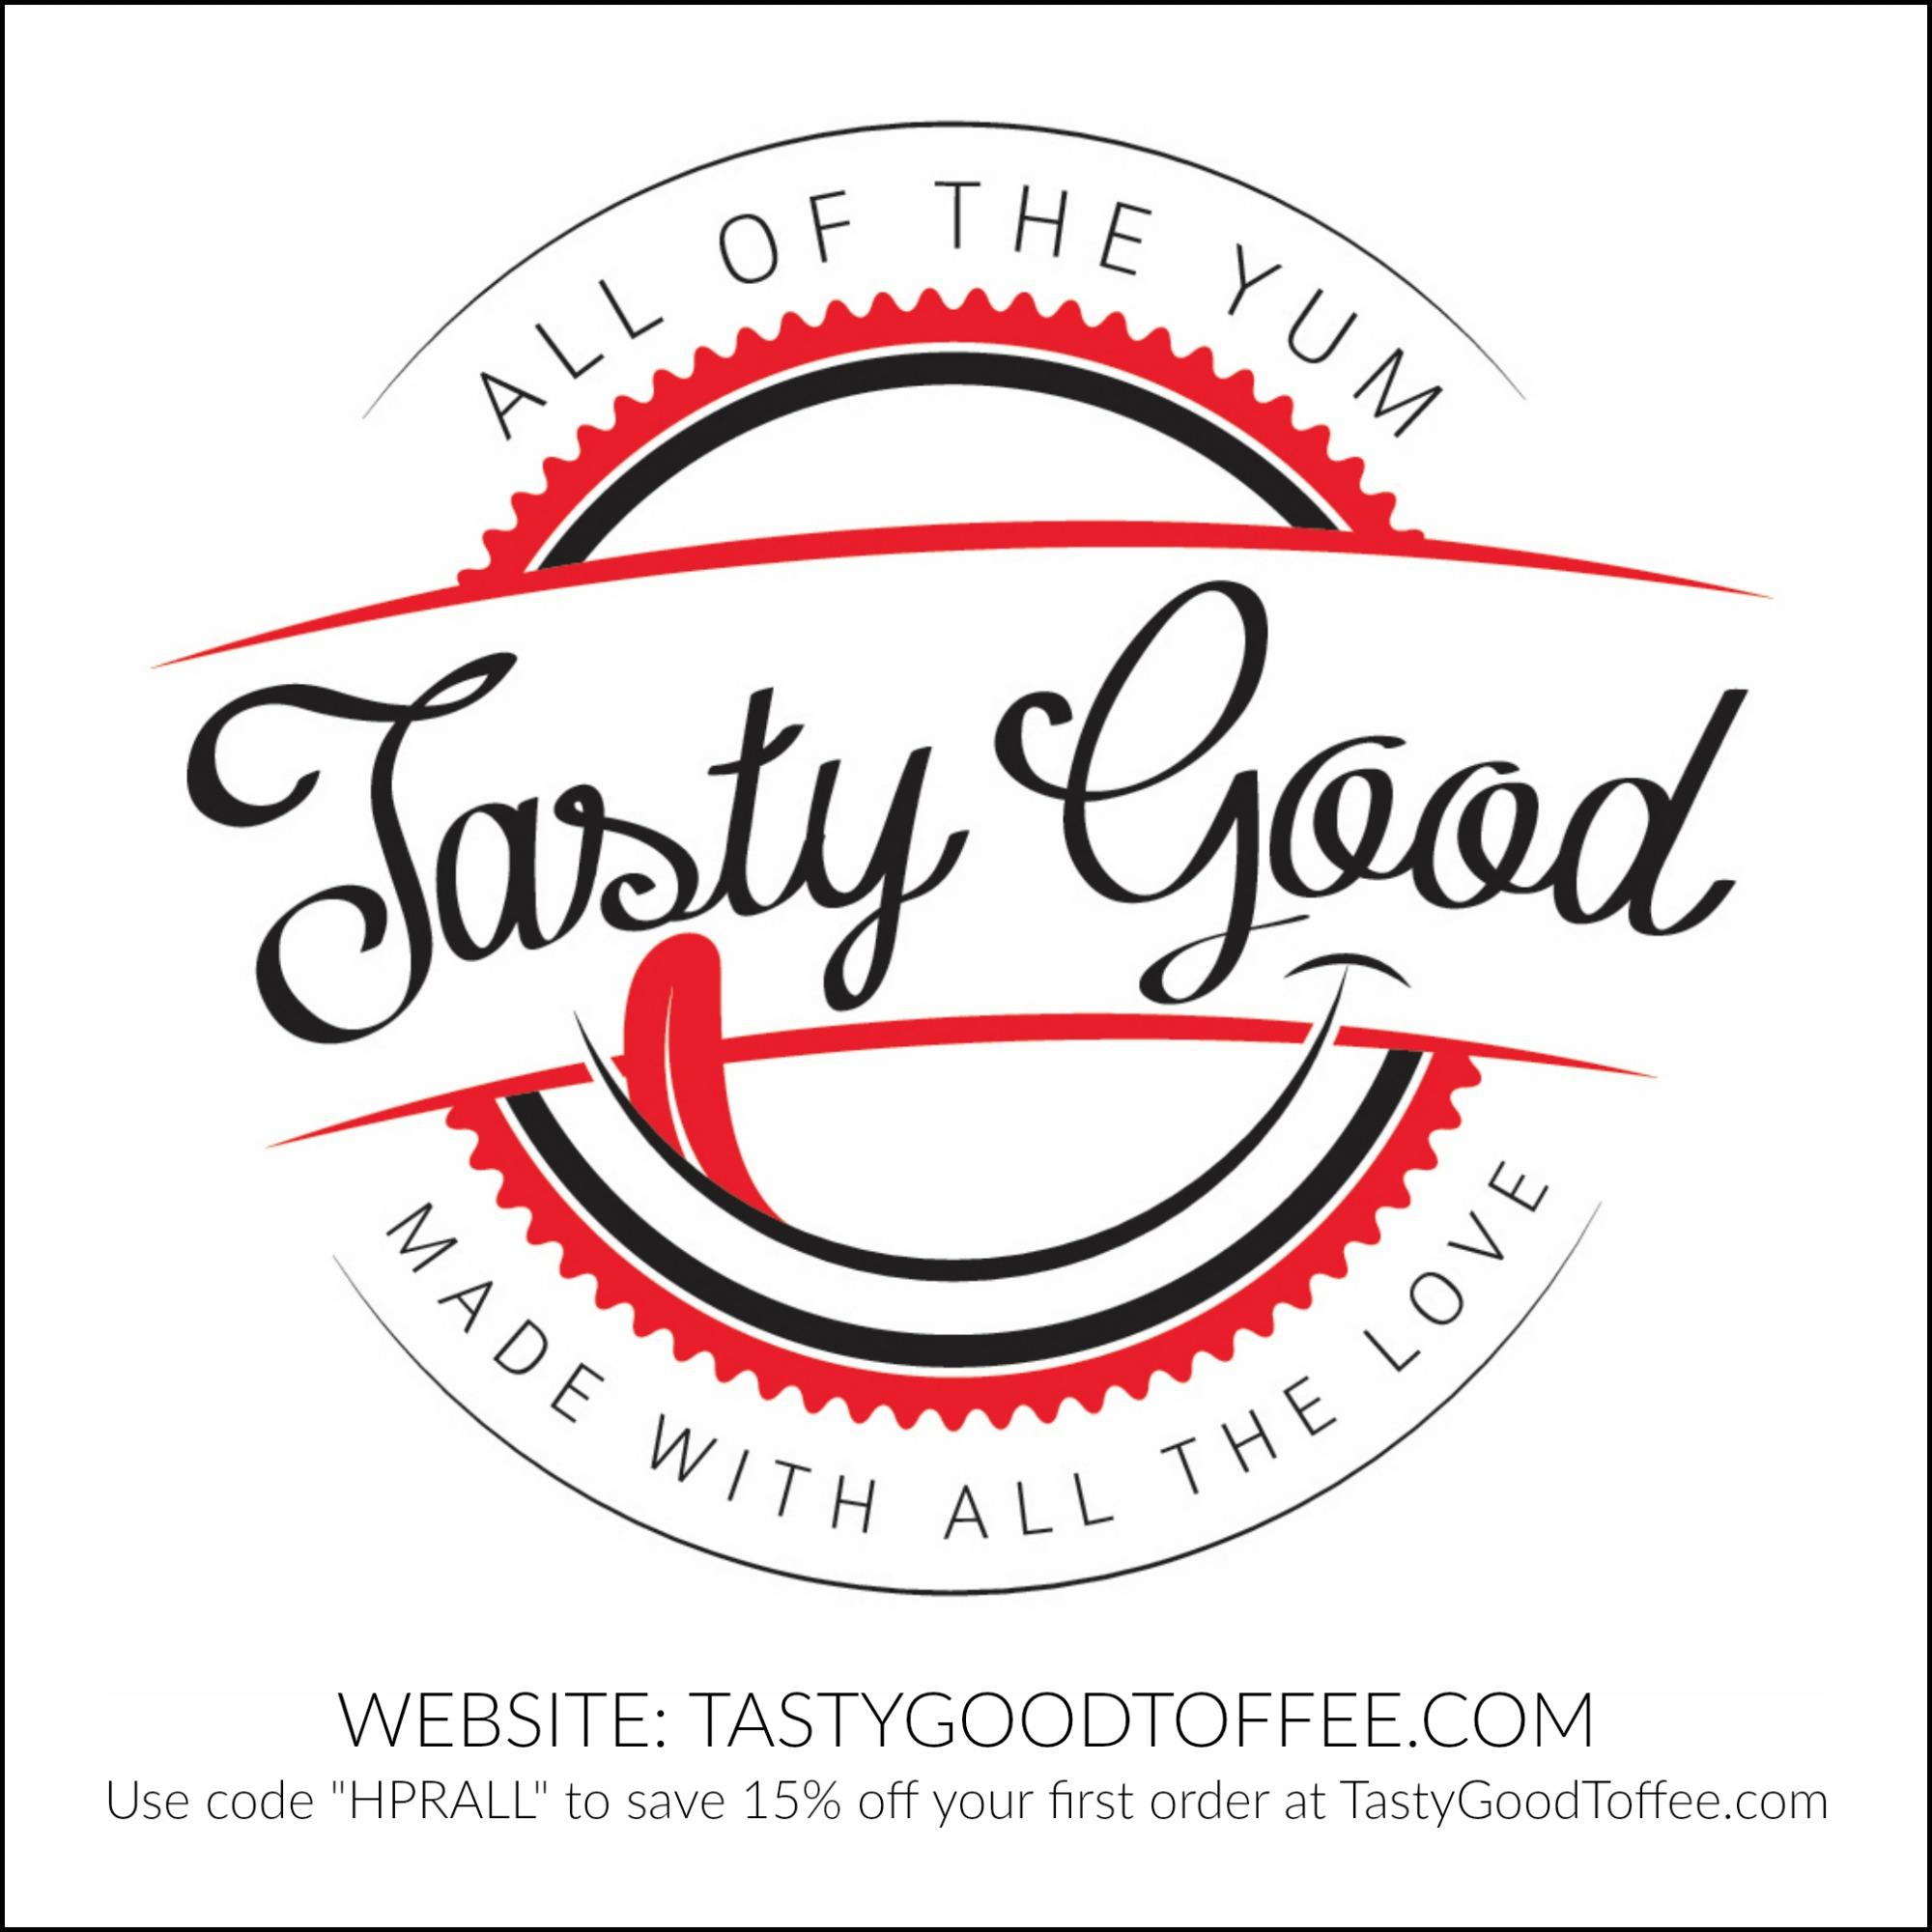 Tasty Good Toffee | TASTYGOODTOFFEE.COM